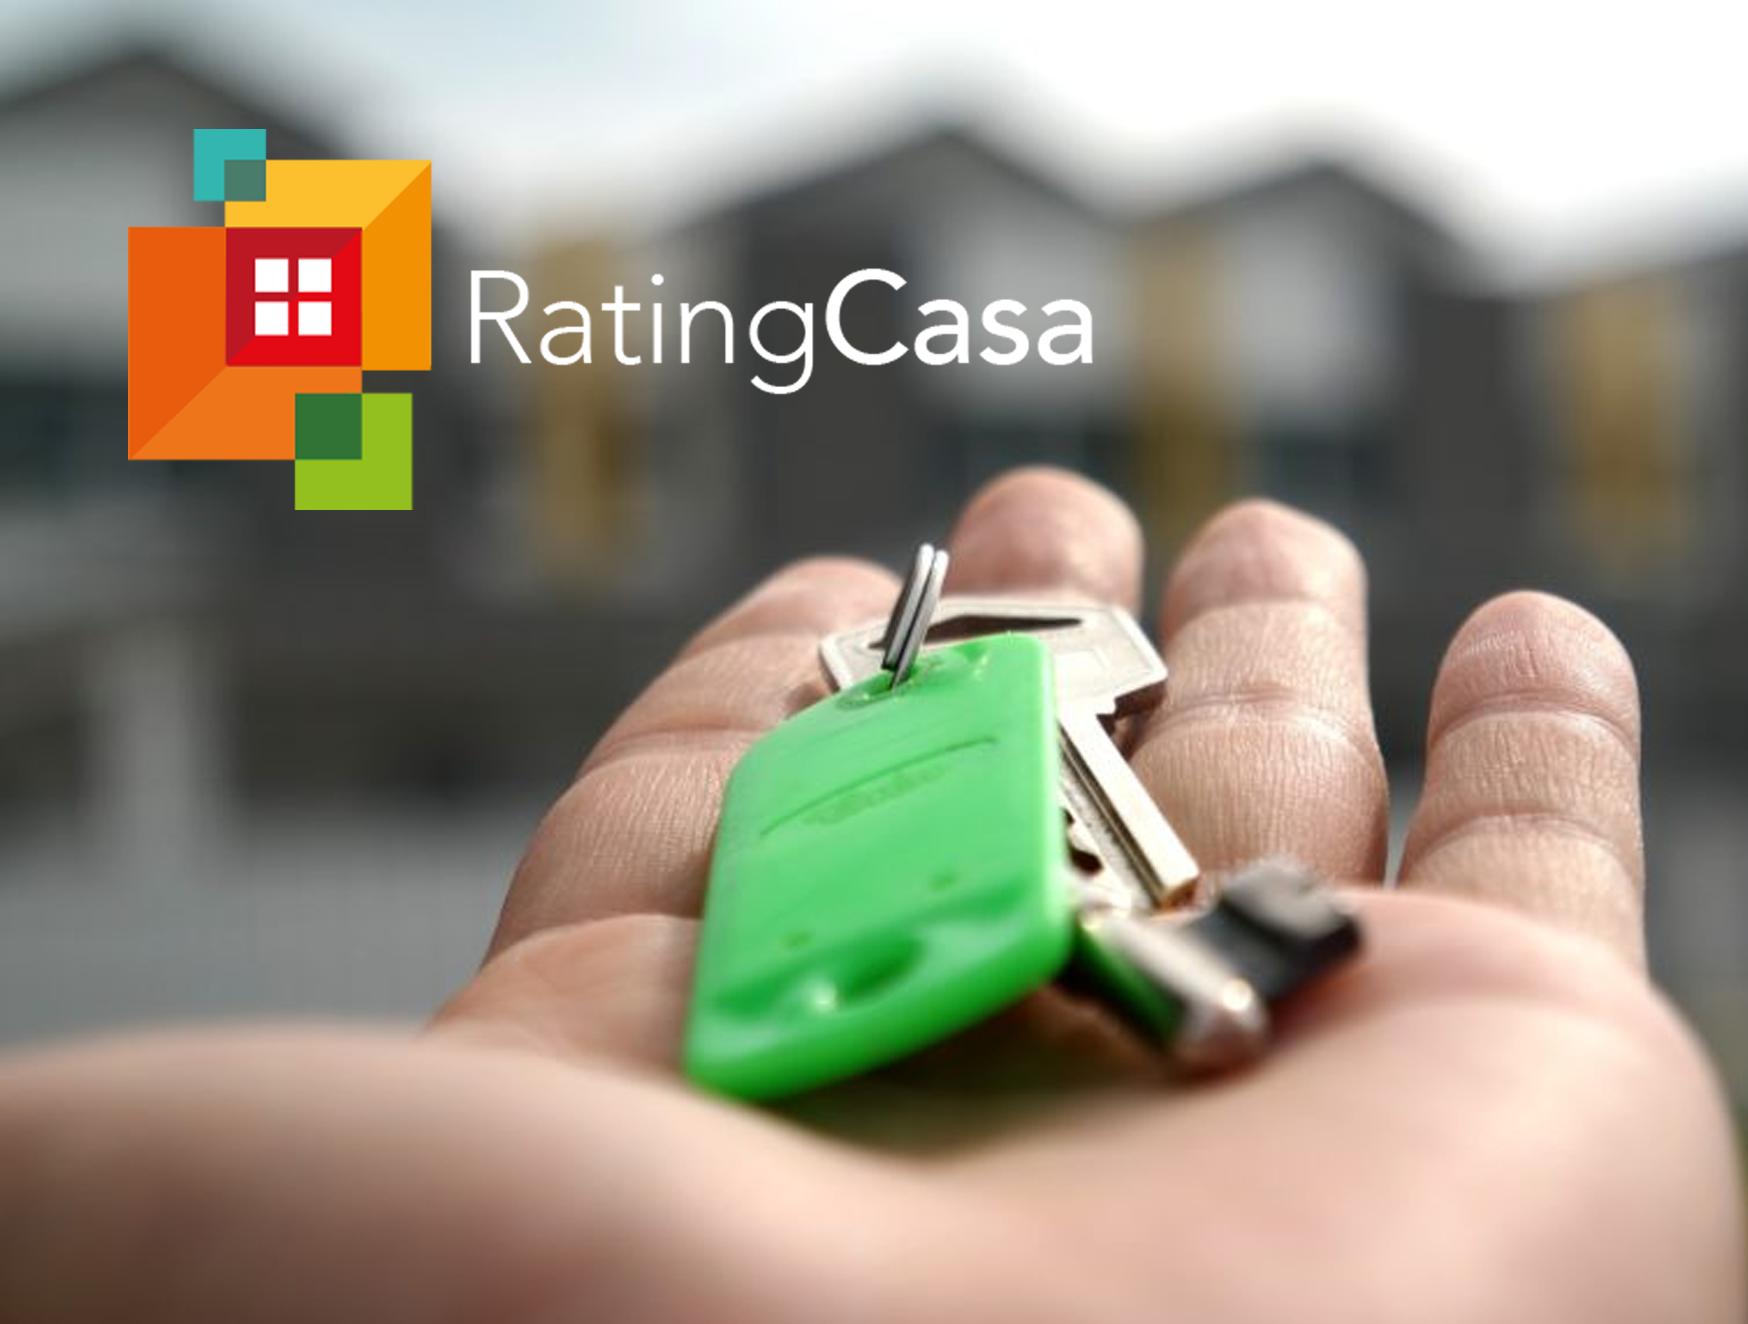 Valutazione degli immobili con ratingcasa filedil pavia - Casa it valutazione immobili ...